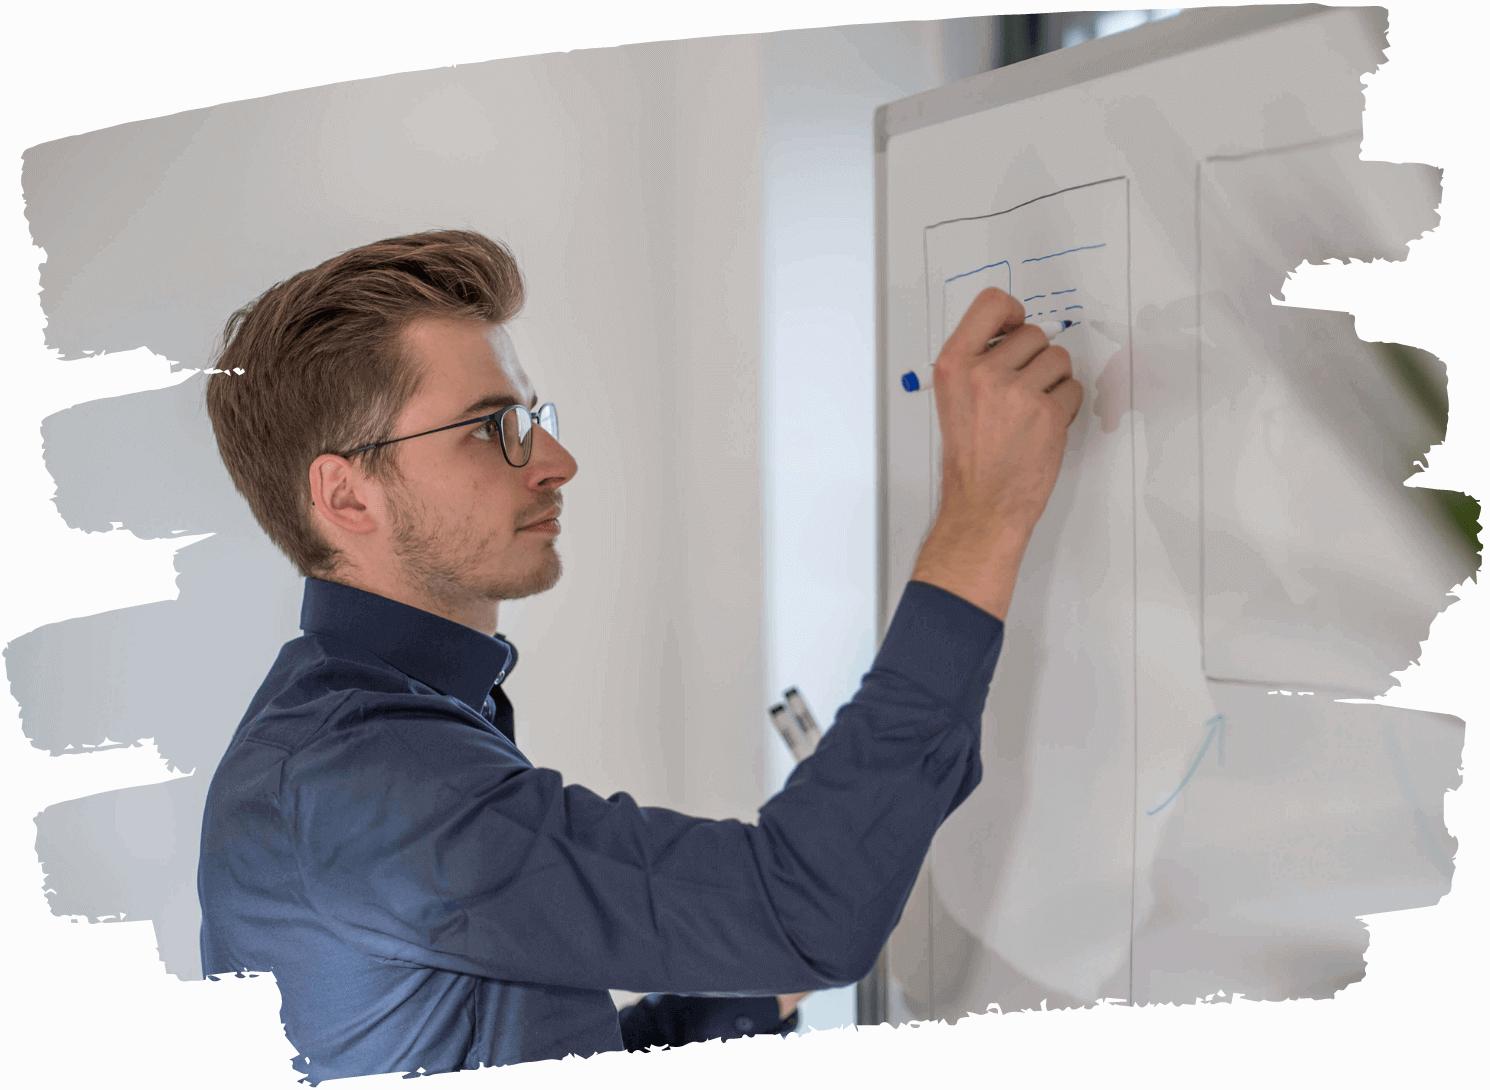 armin-ramoser-am-whiteboard